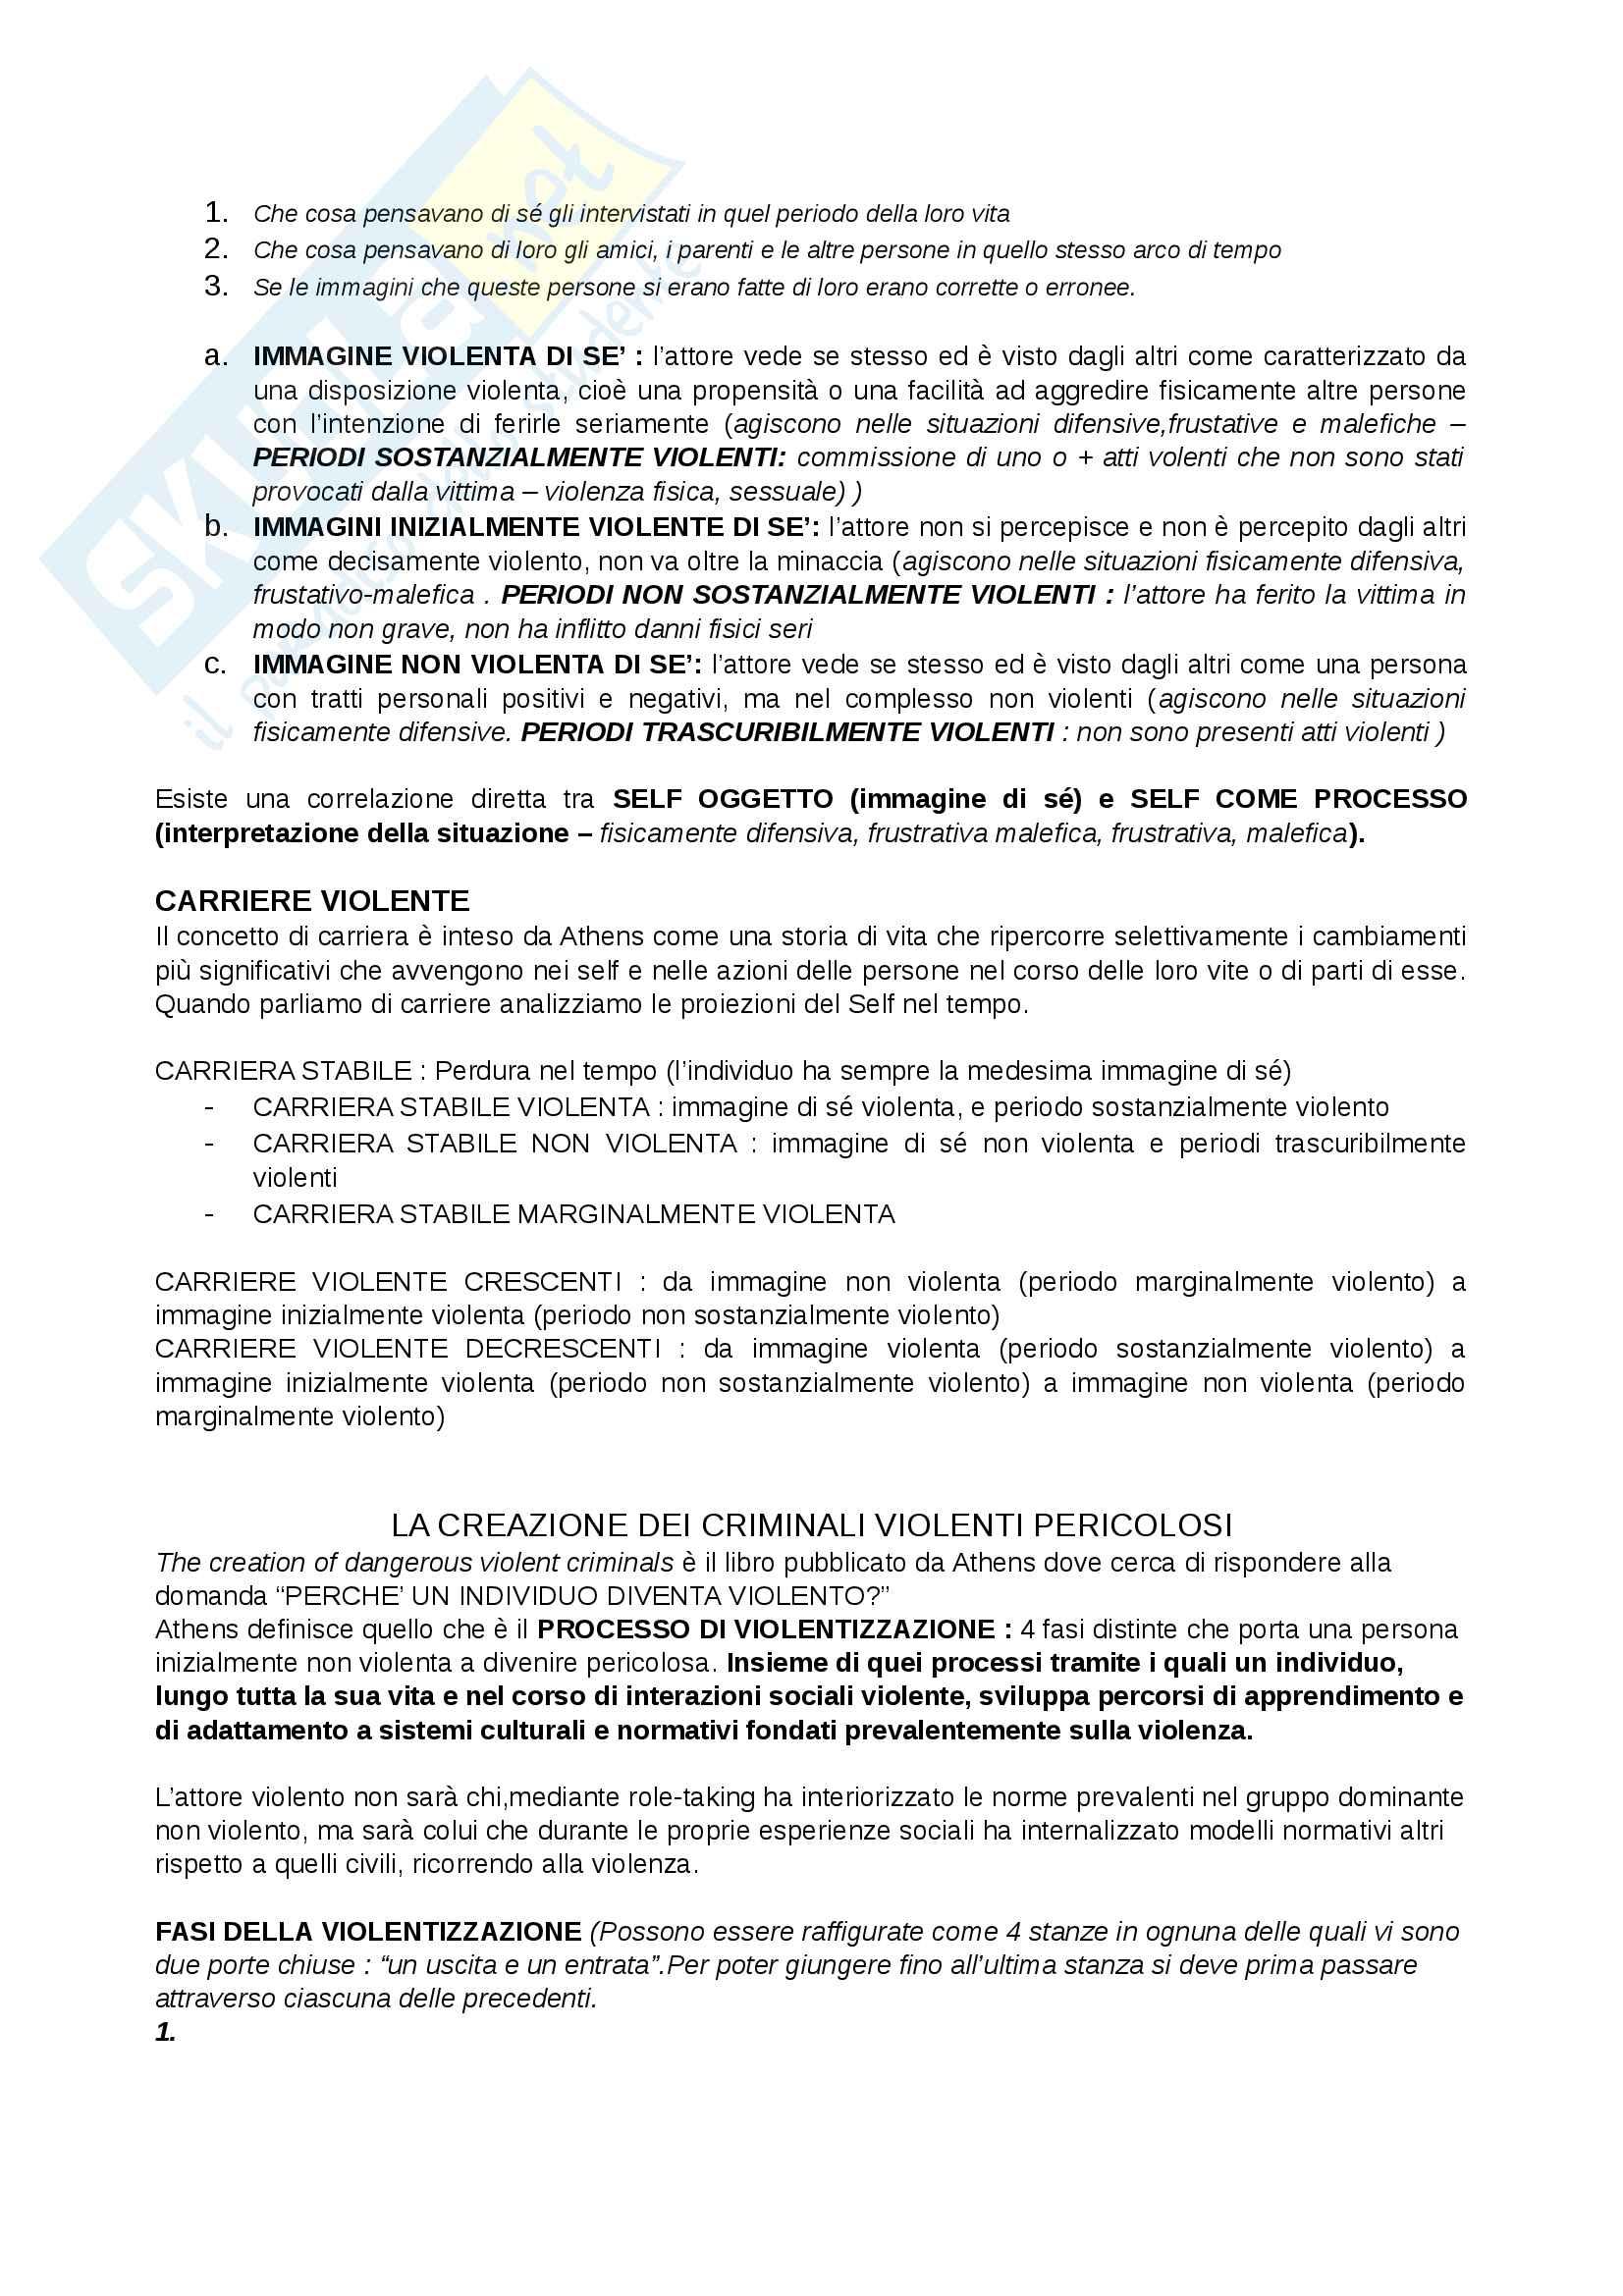 Riassunto esame Criminologia, docente, Cornelli libro consigliato Cosmologie violente, Adolfo Ceretti, Lorenzo Natali Pag. 11